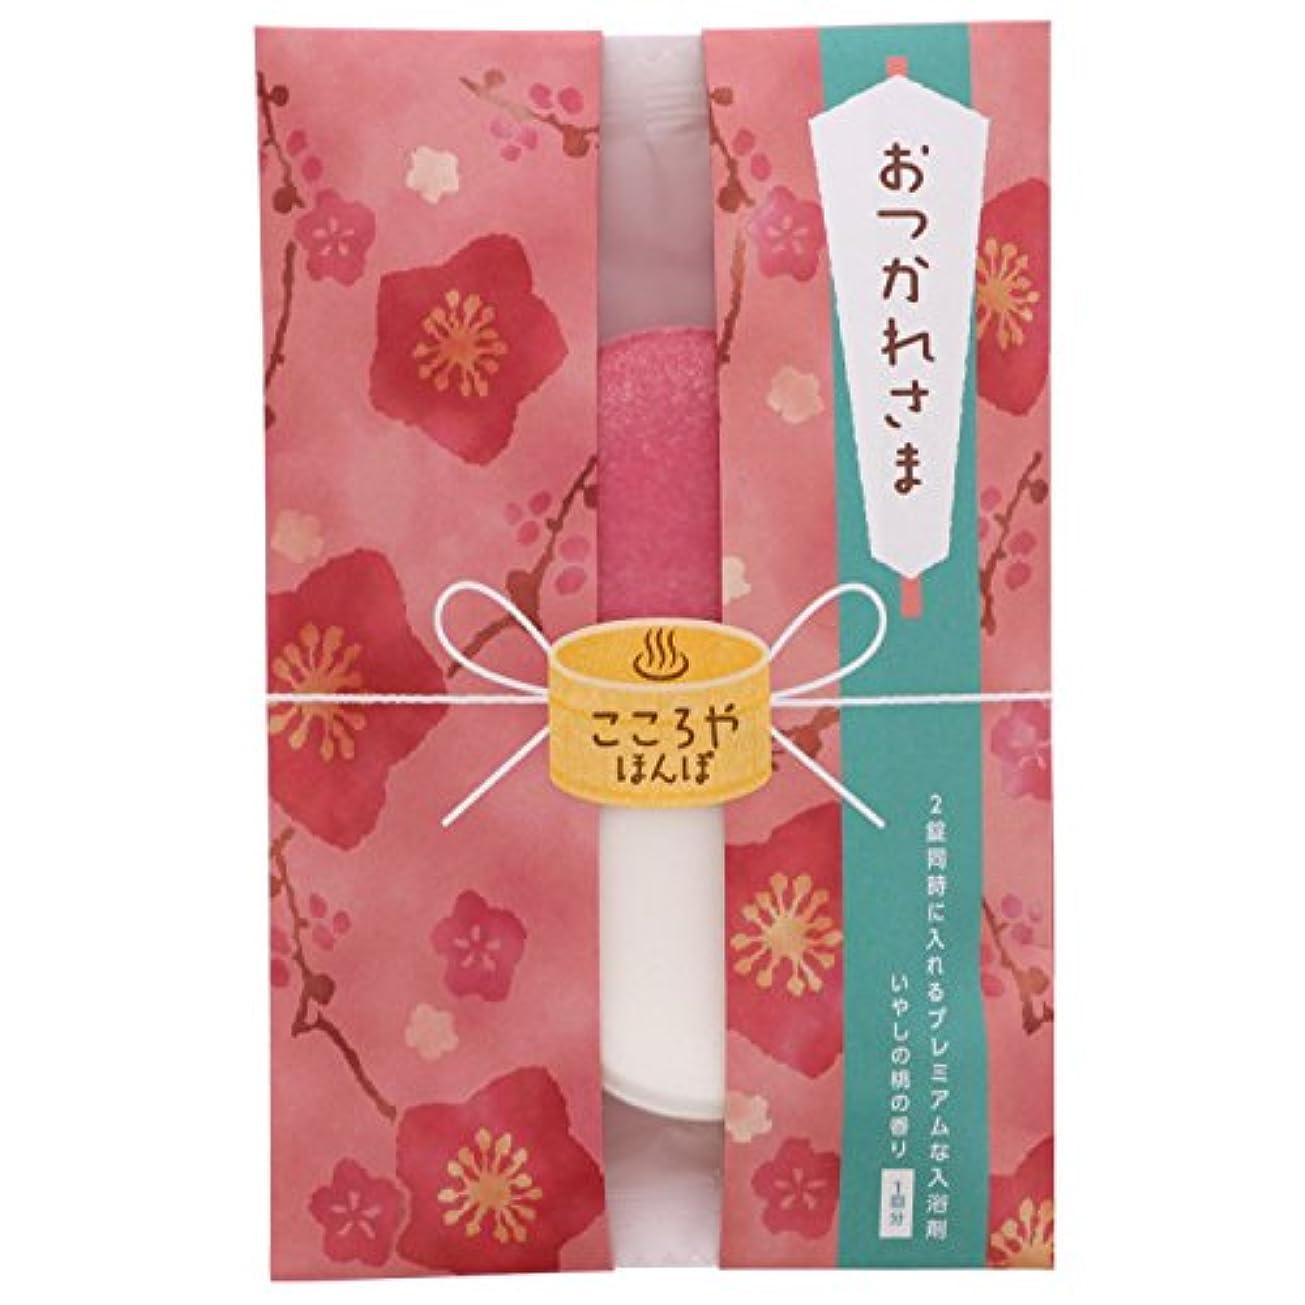 忠実な講義掃除こころやほんぽ カジュアルギフト 入浴剤 おつかれさま 桃の香り 50g